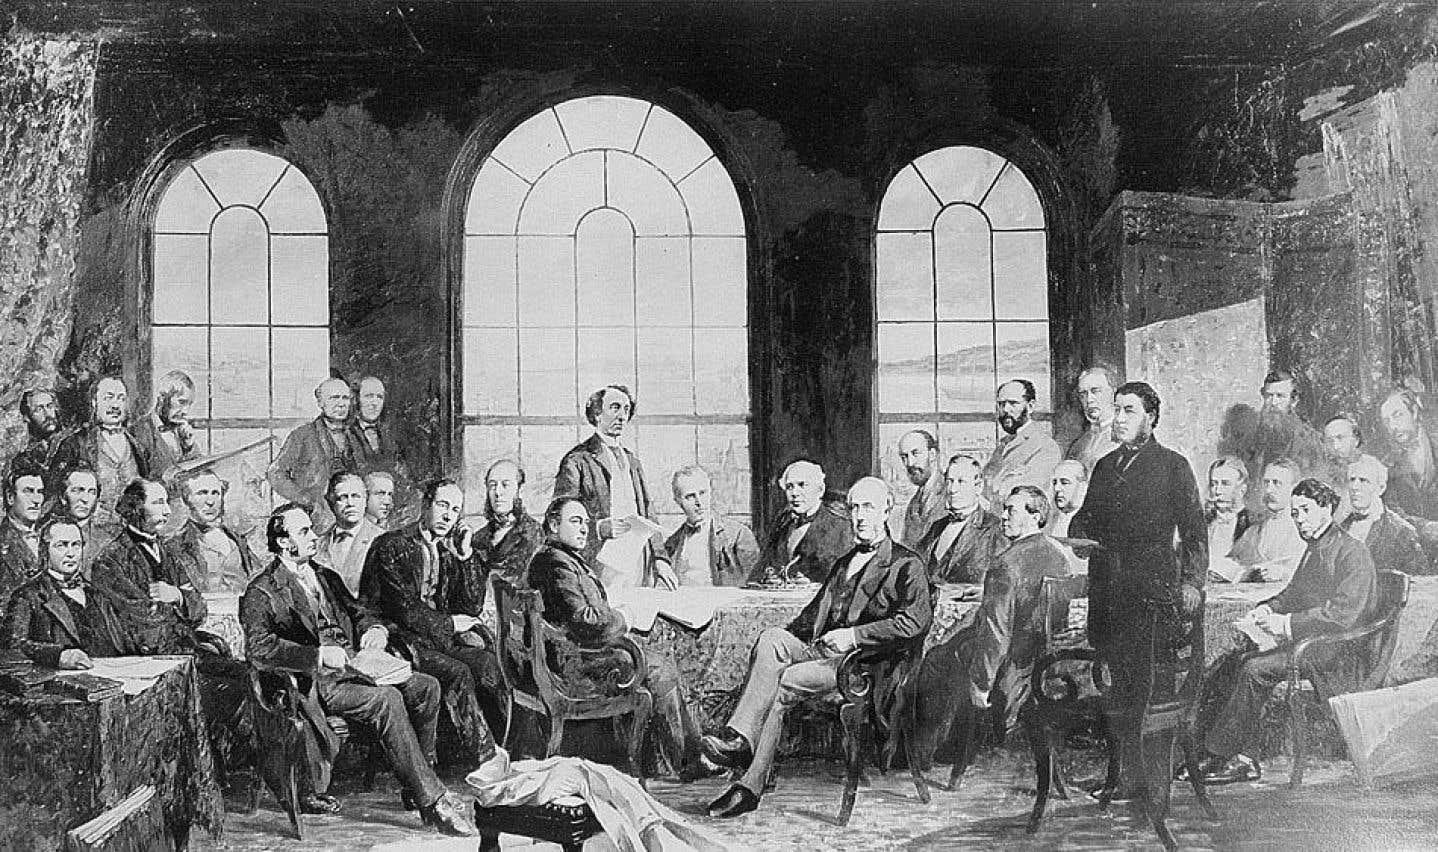 À la recherche d'un consensus sur l'histoire du pays